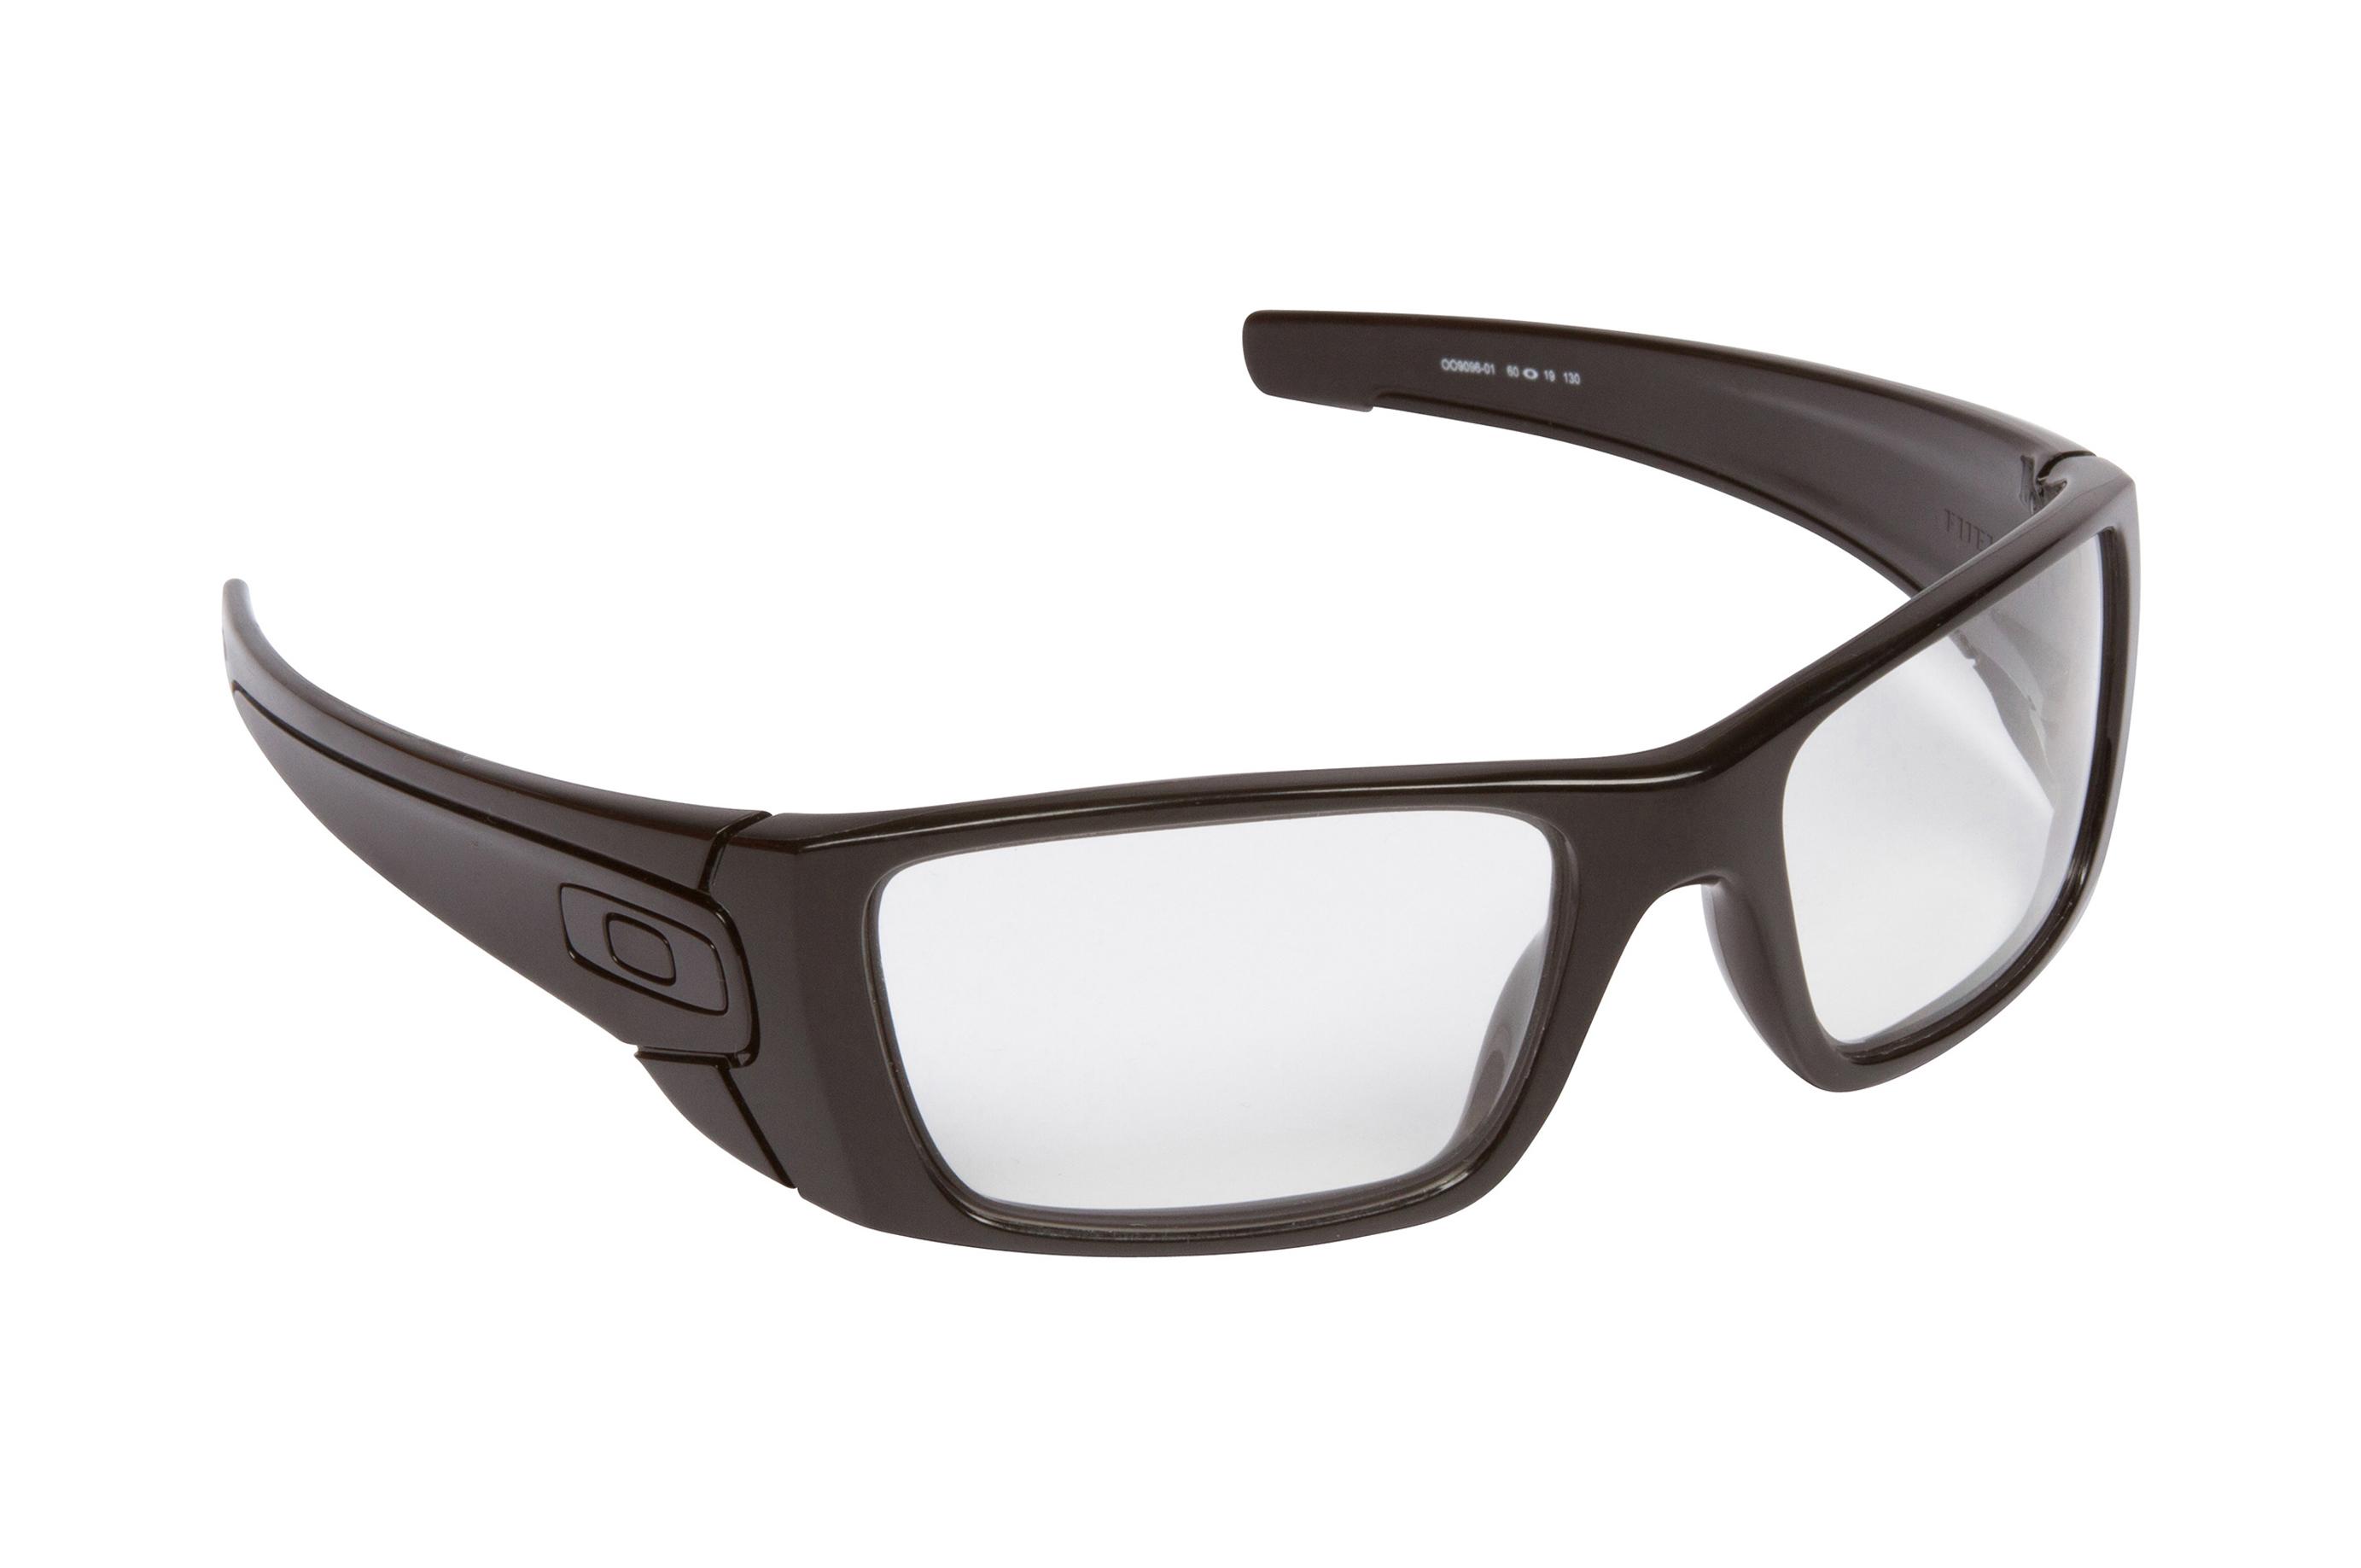 928d228f2c Oakley Nanowire 4.0 Specs « Heritage Malta